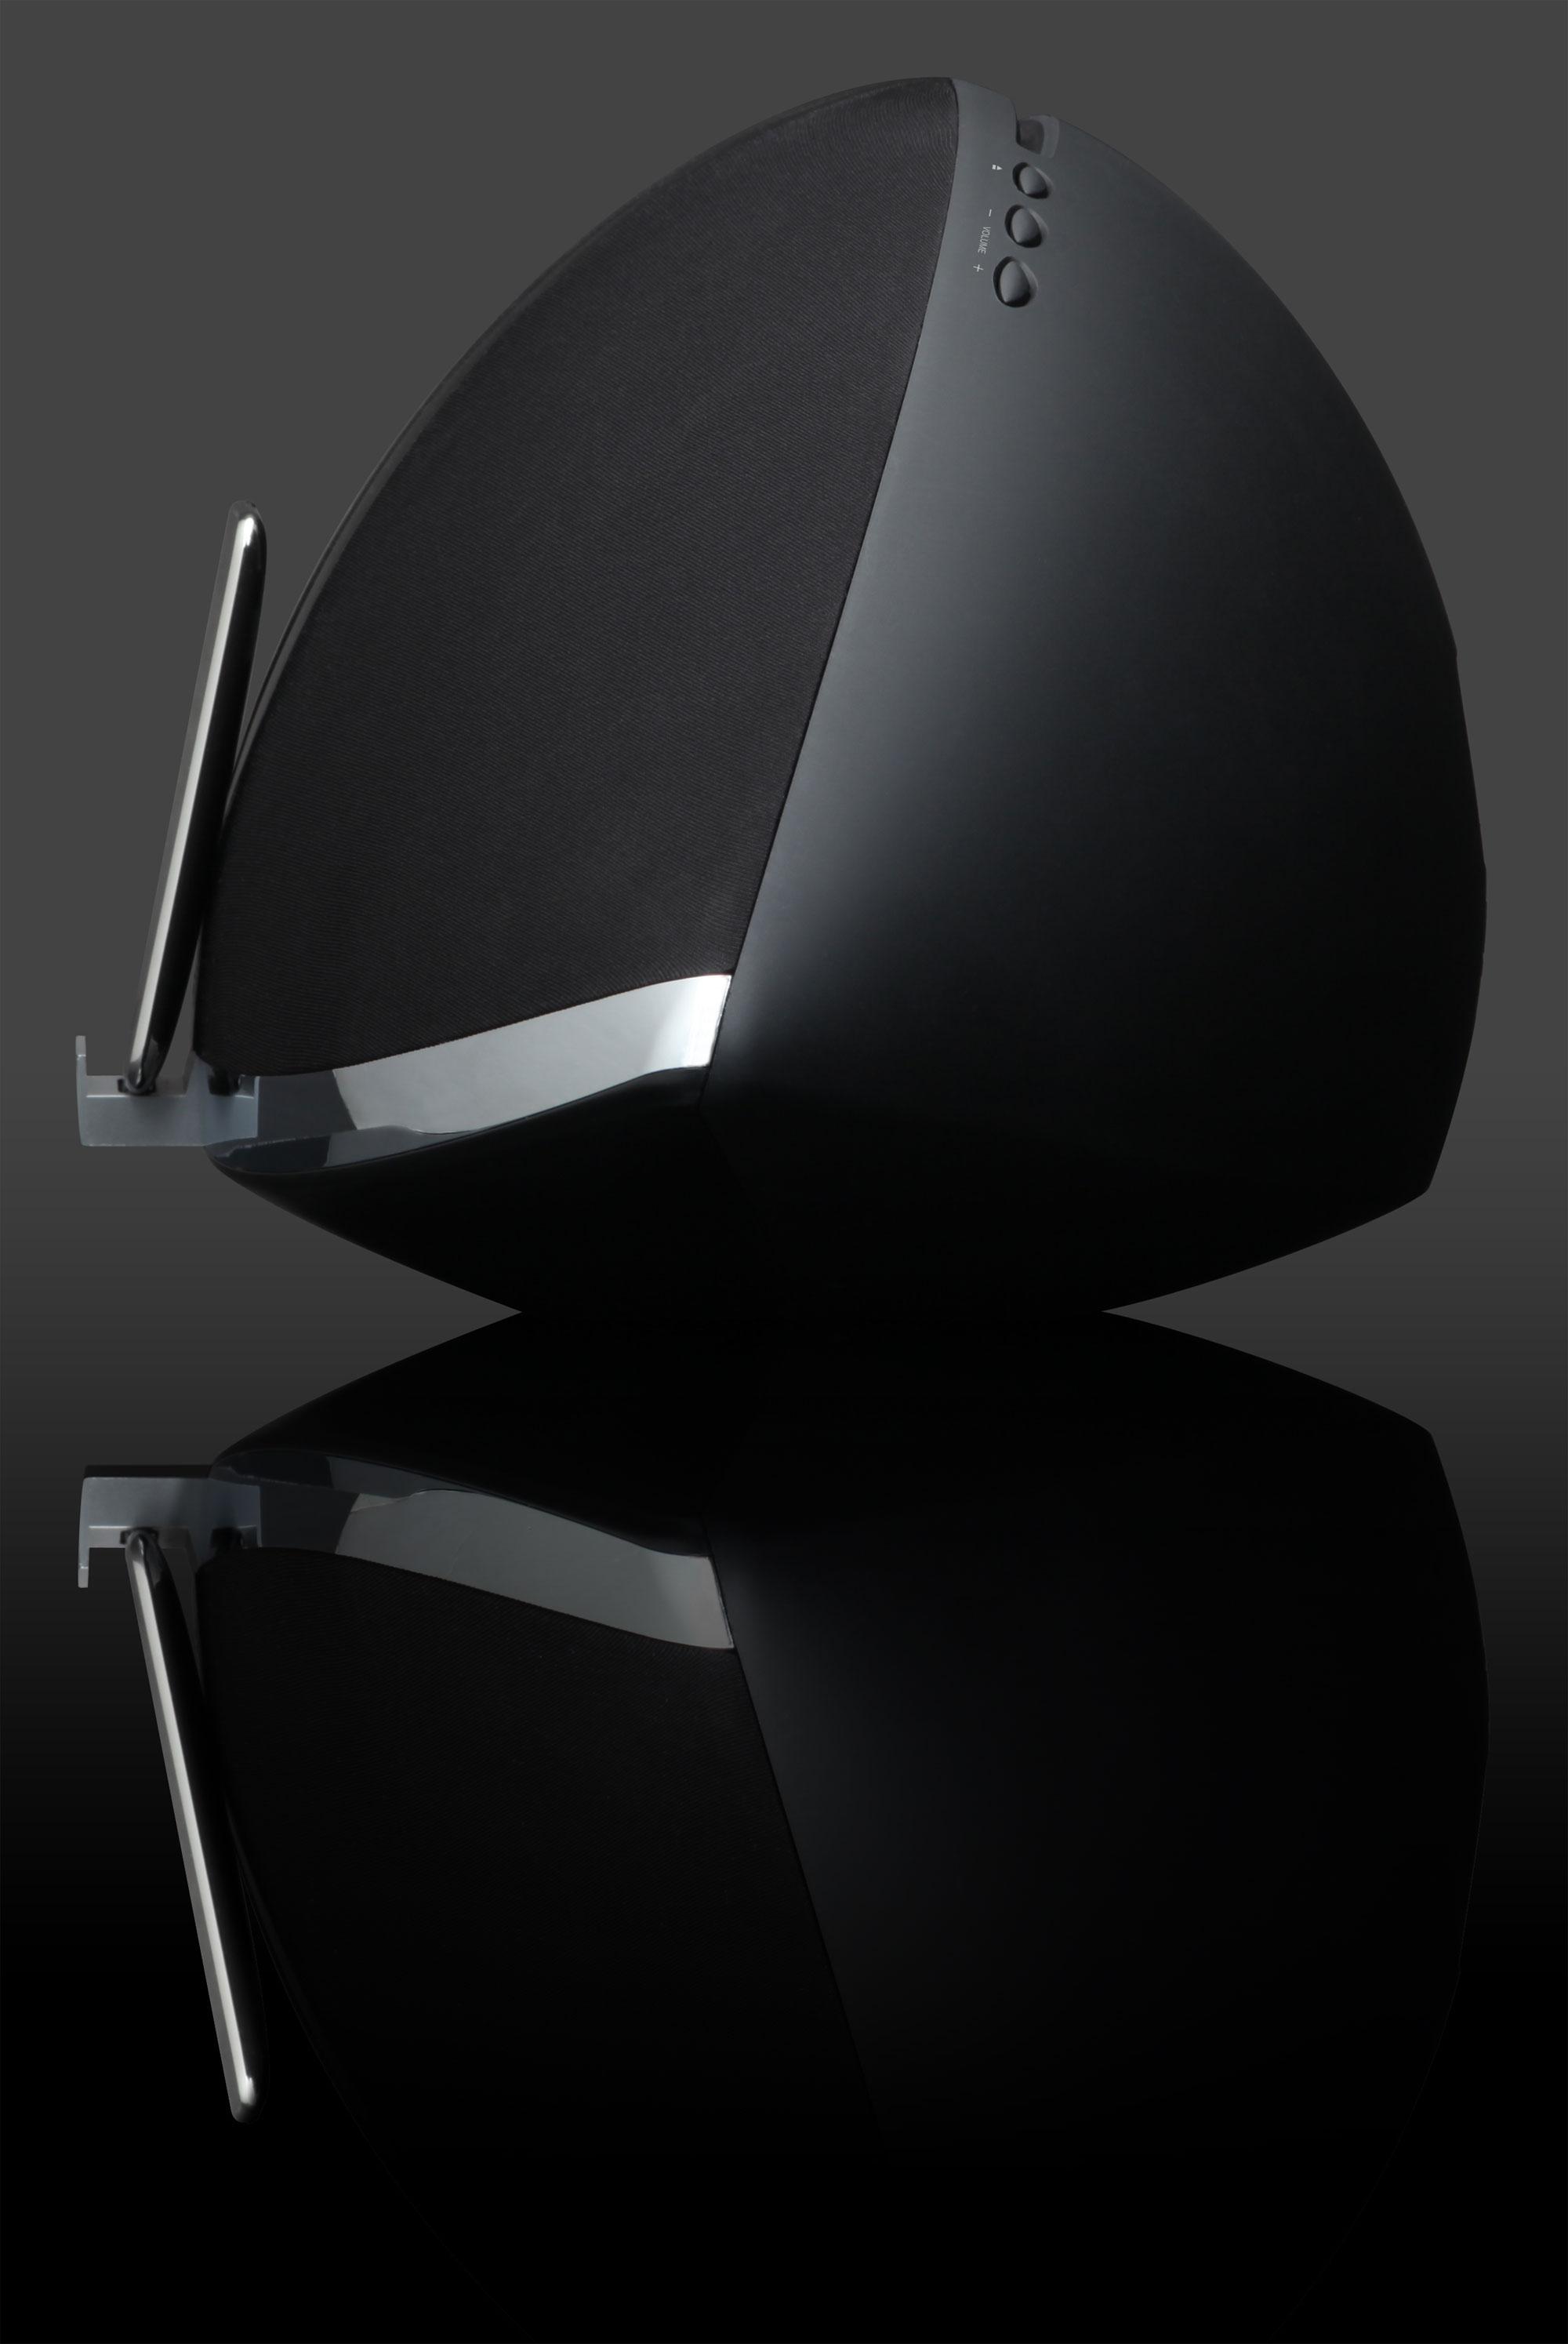 TEAC SR-100i Barevné provedení: černé